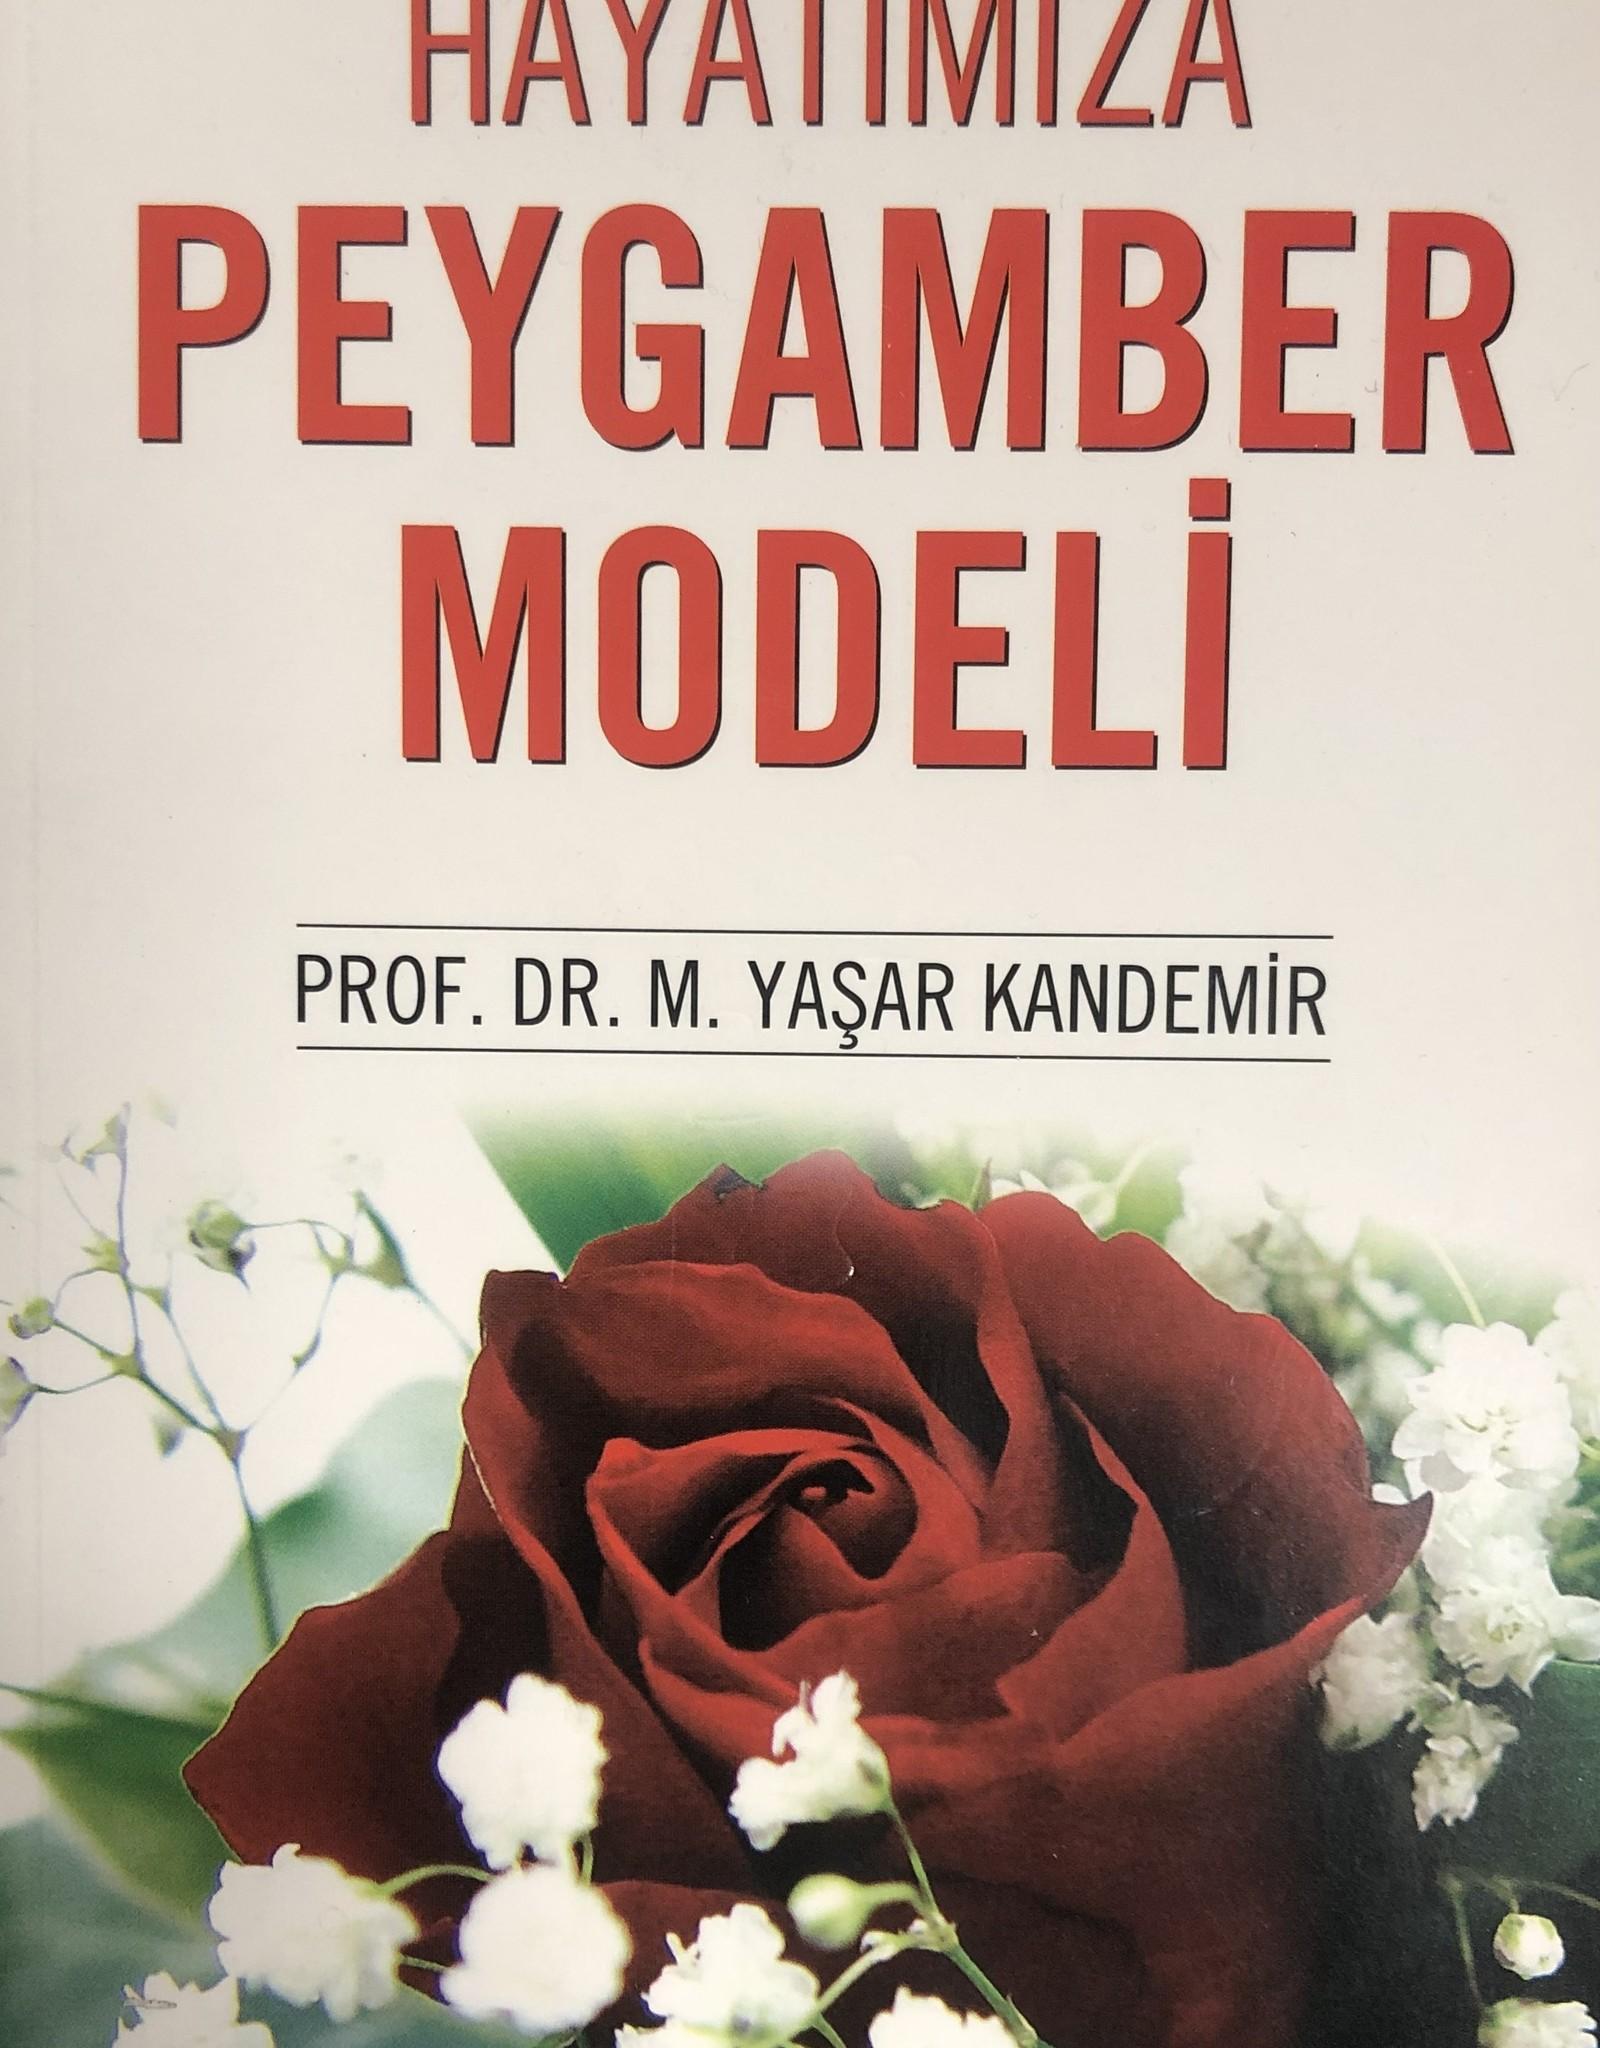 Hayatımıza Peygamber Modeli